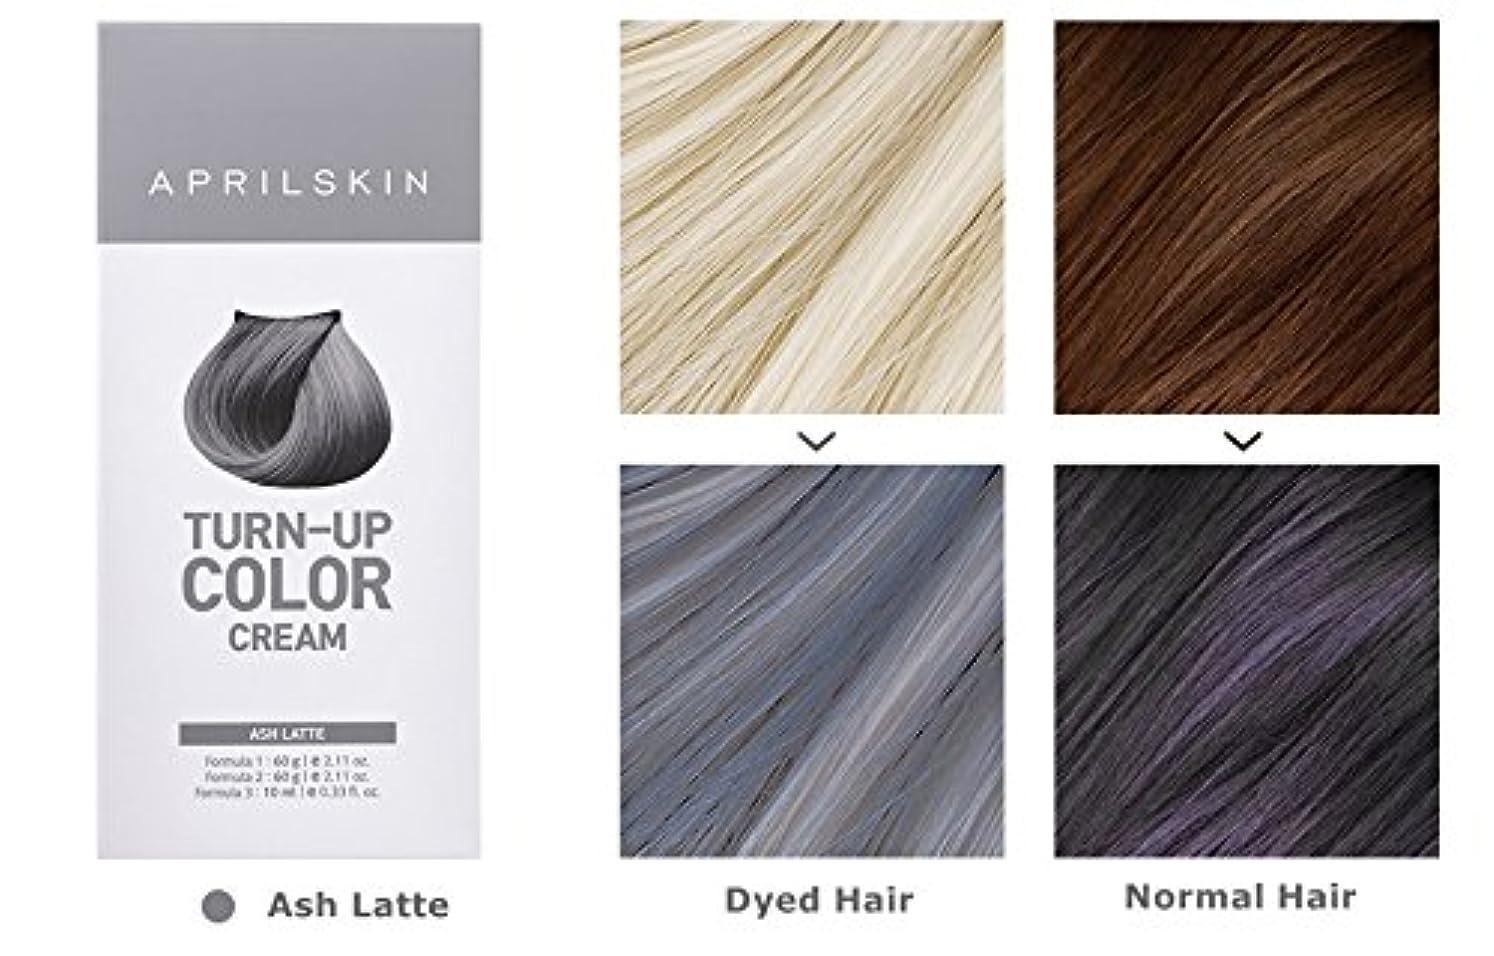 バルセロナバッジトーンApril Skin Turn Up Color Cream Long lasting Texture Type Hair Dye エイプリルスキン ターンアップカラークリーム長持ちテクスチャタイプヘアダイ (紅)